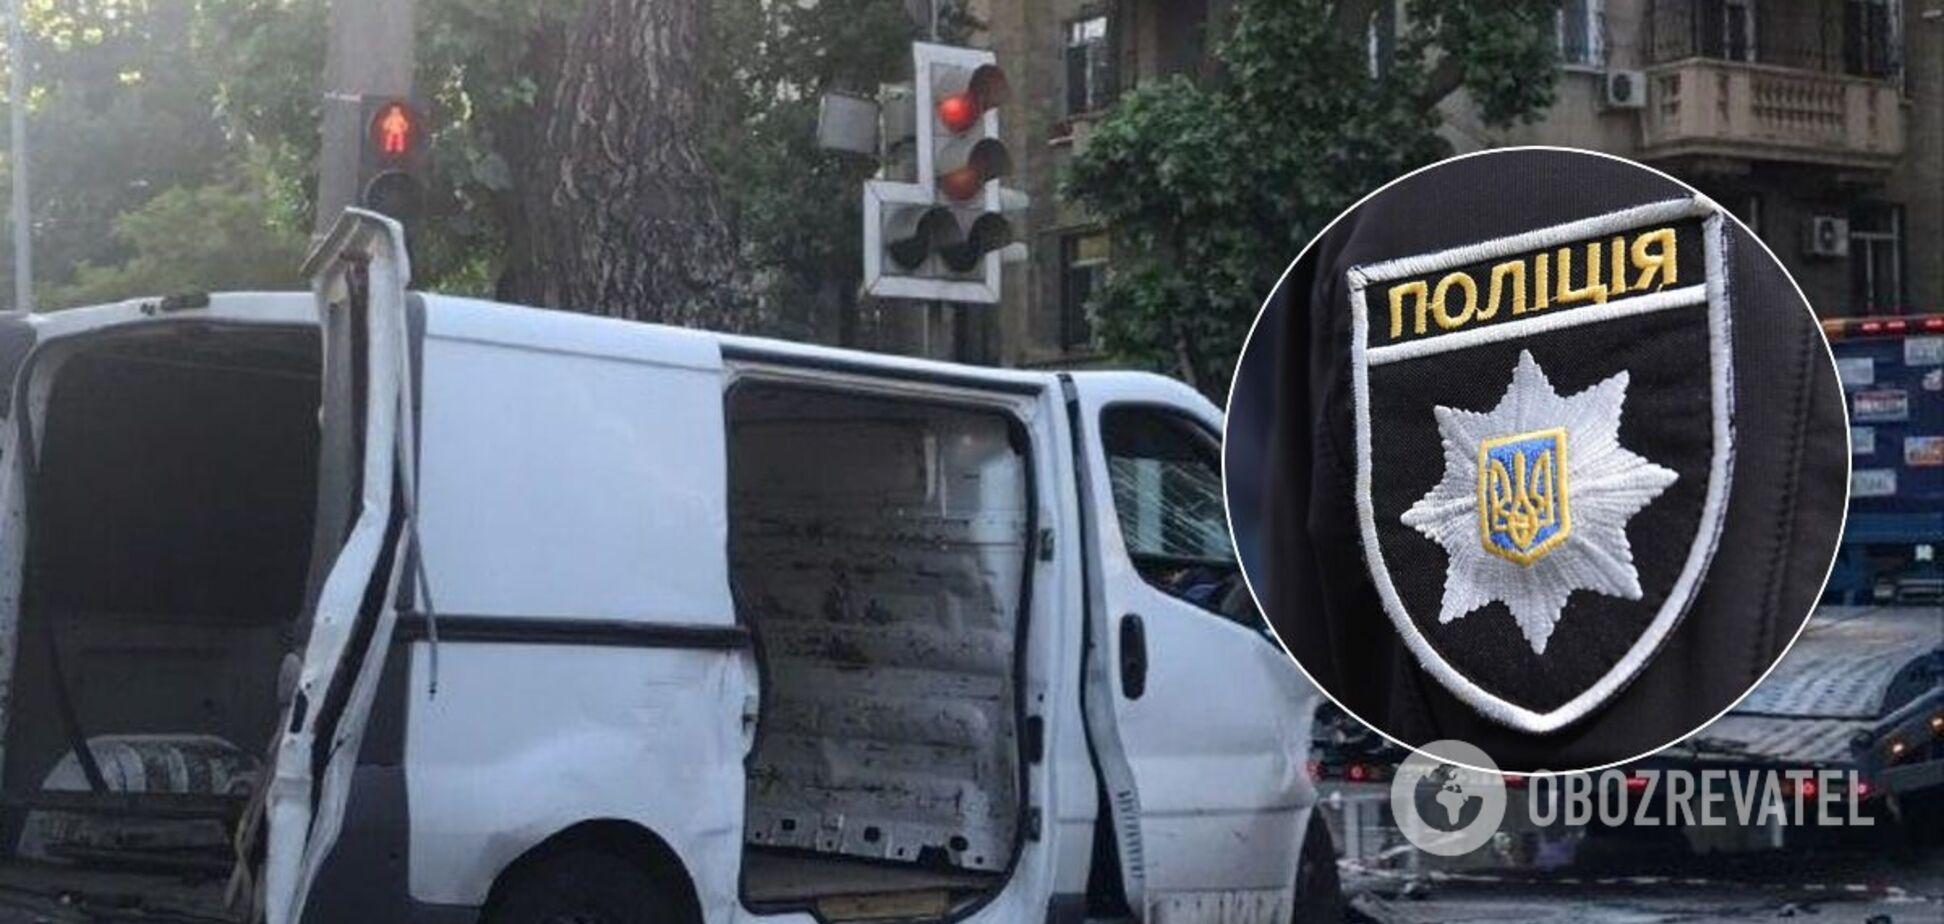 ДТП з поліцейськими в Одесі: з'явилося відео удару